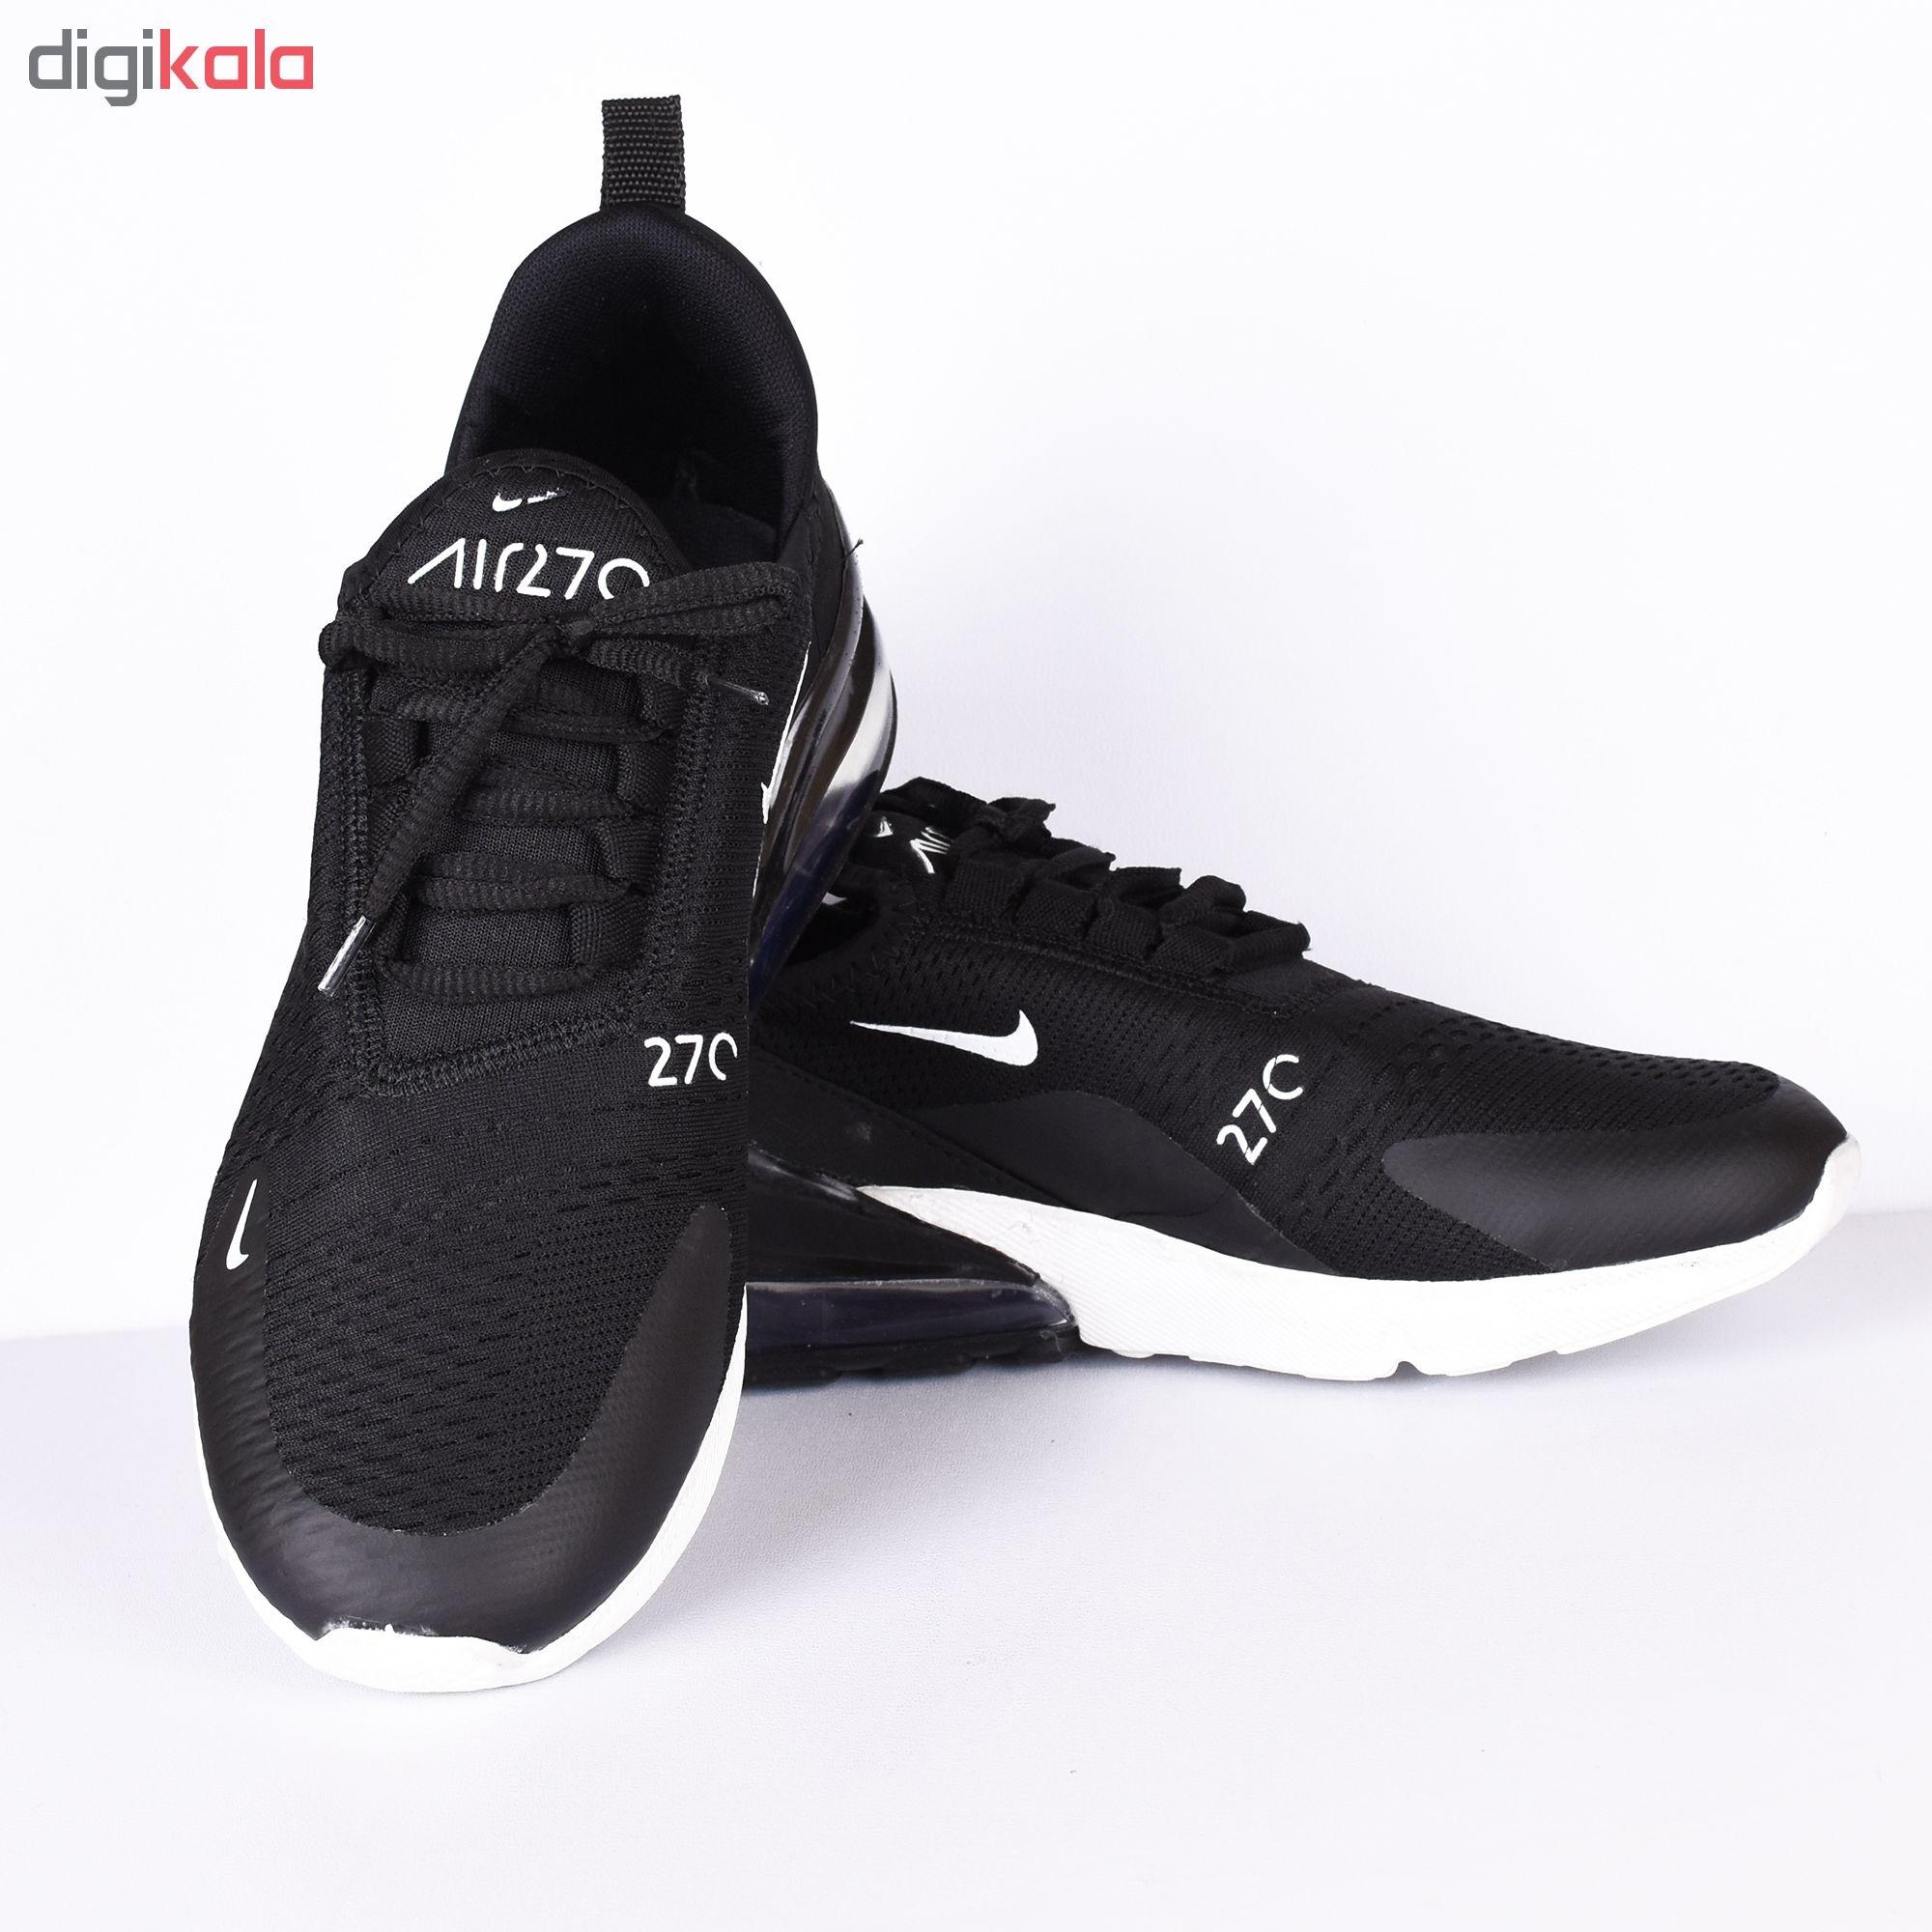 کفش مخصوص پیاده روی مردانه کد 270S  غیر اصل